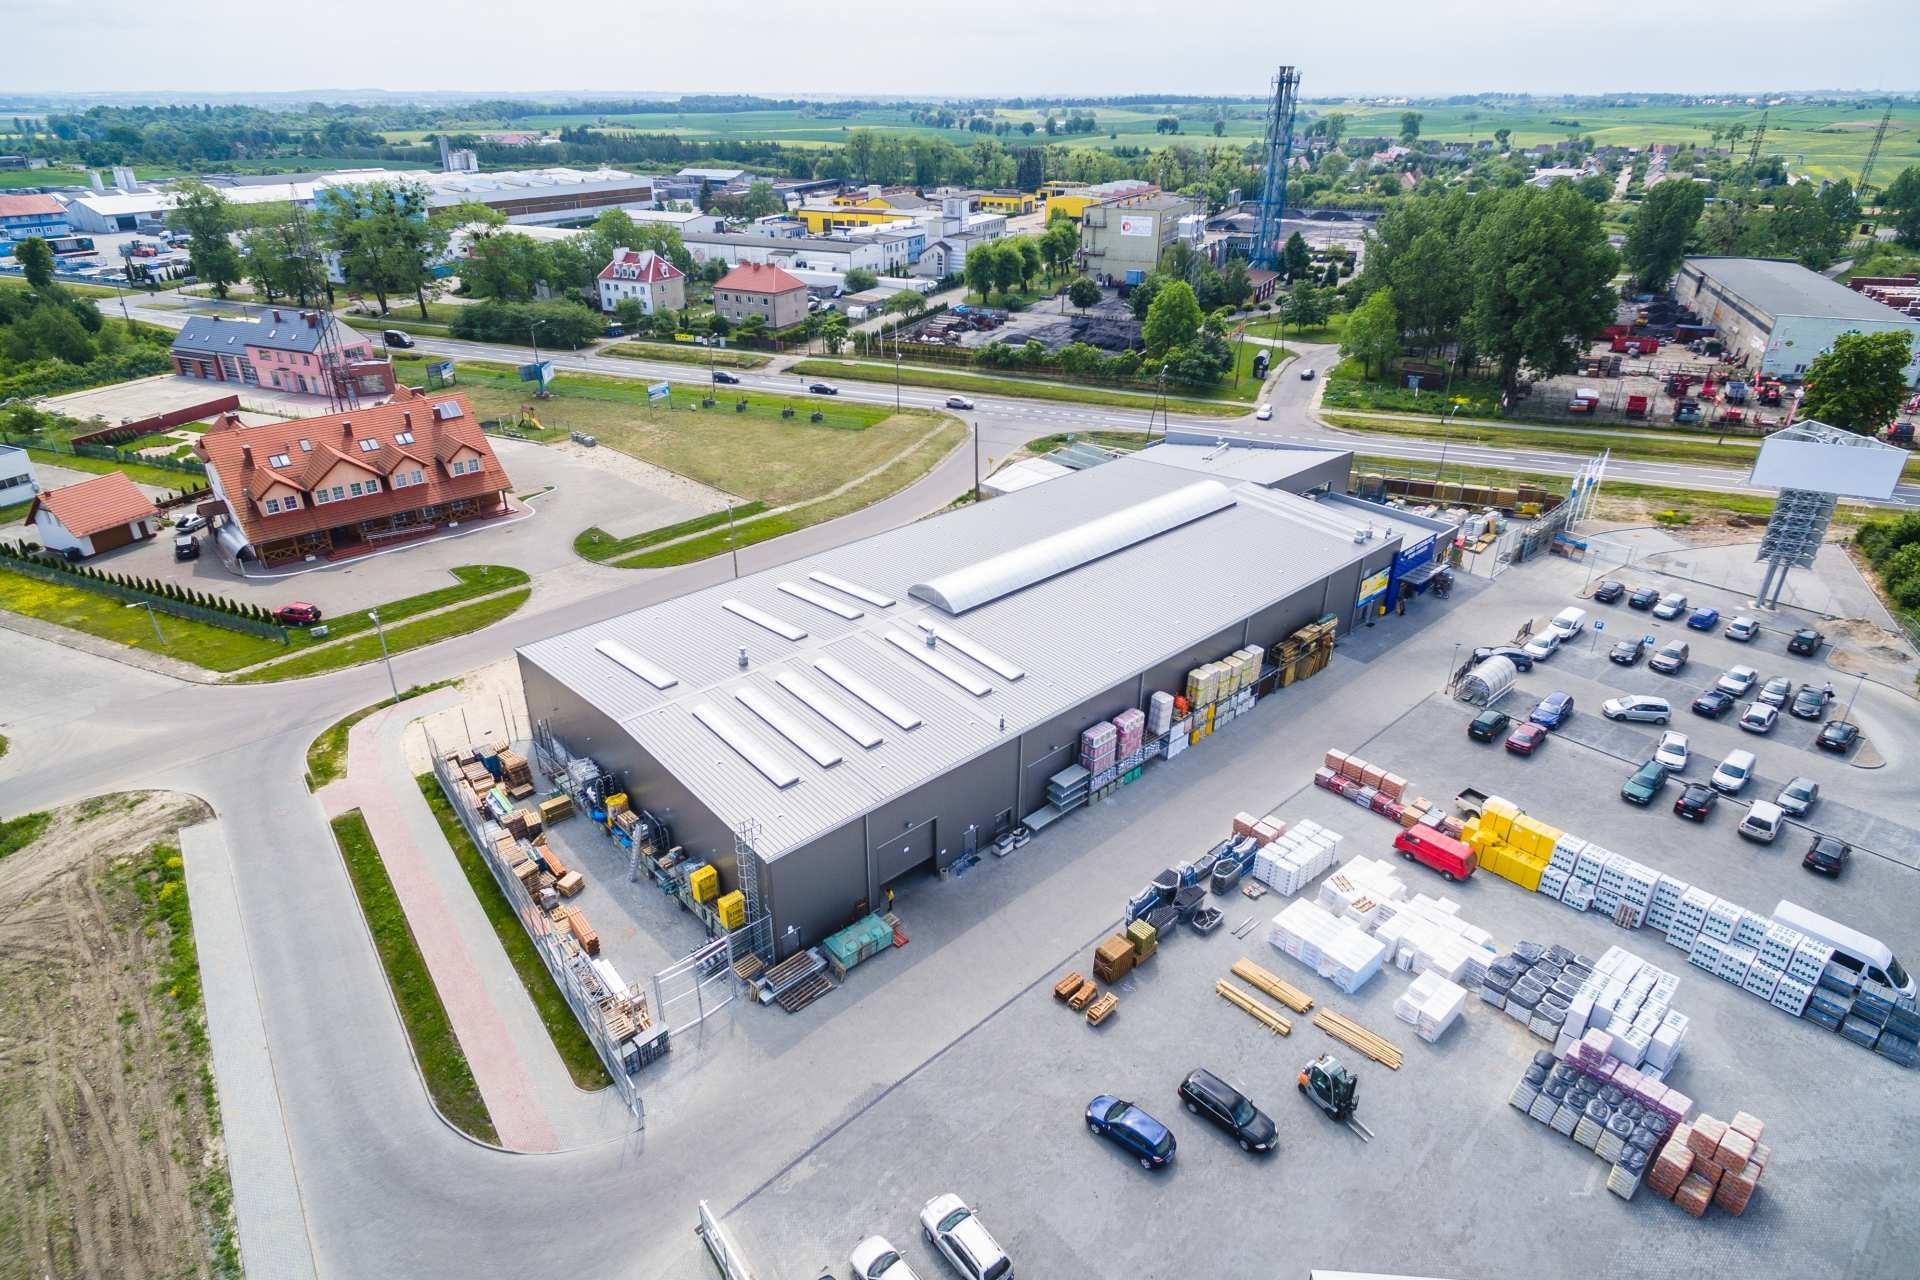 Hala komercyjna w Malborku - zdjęcie 3